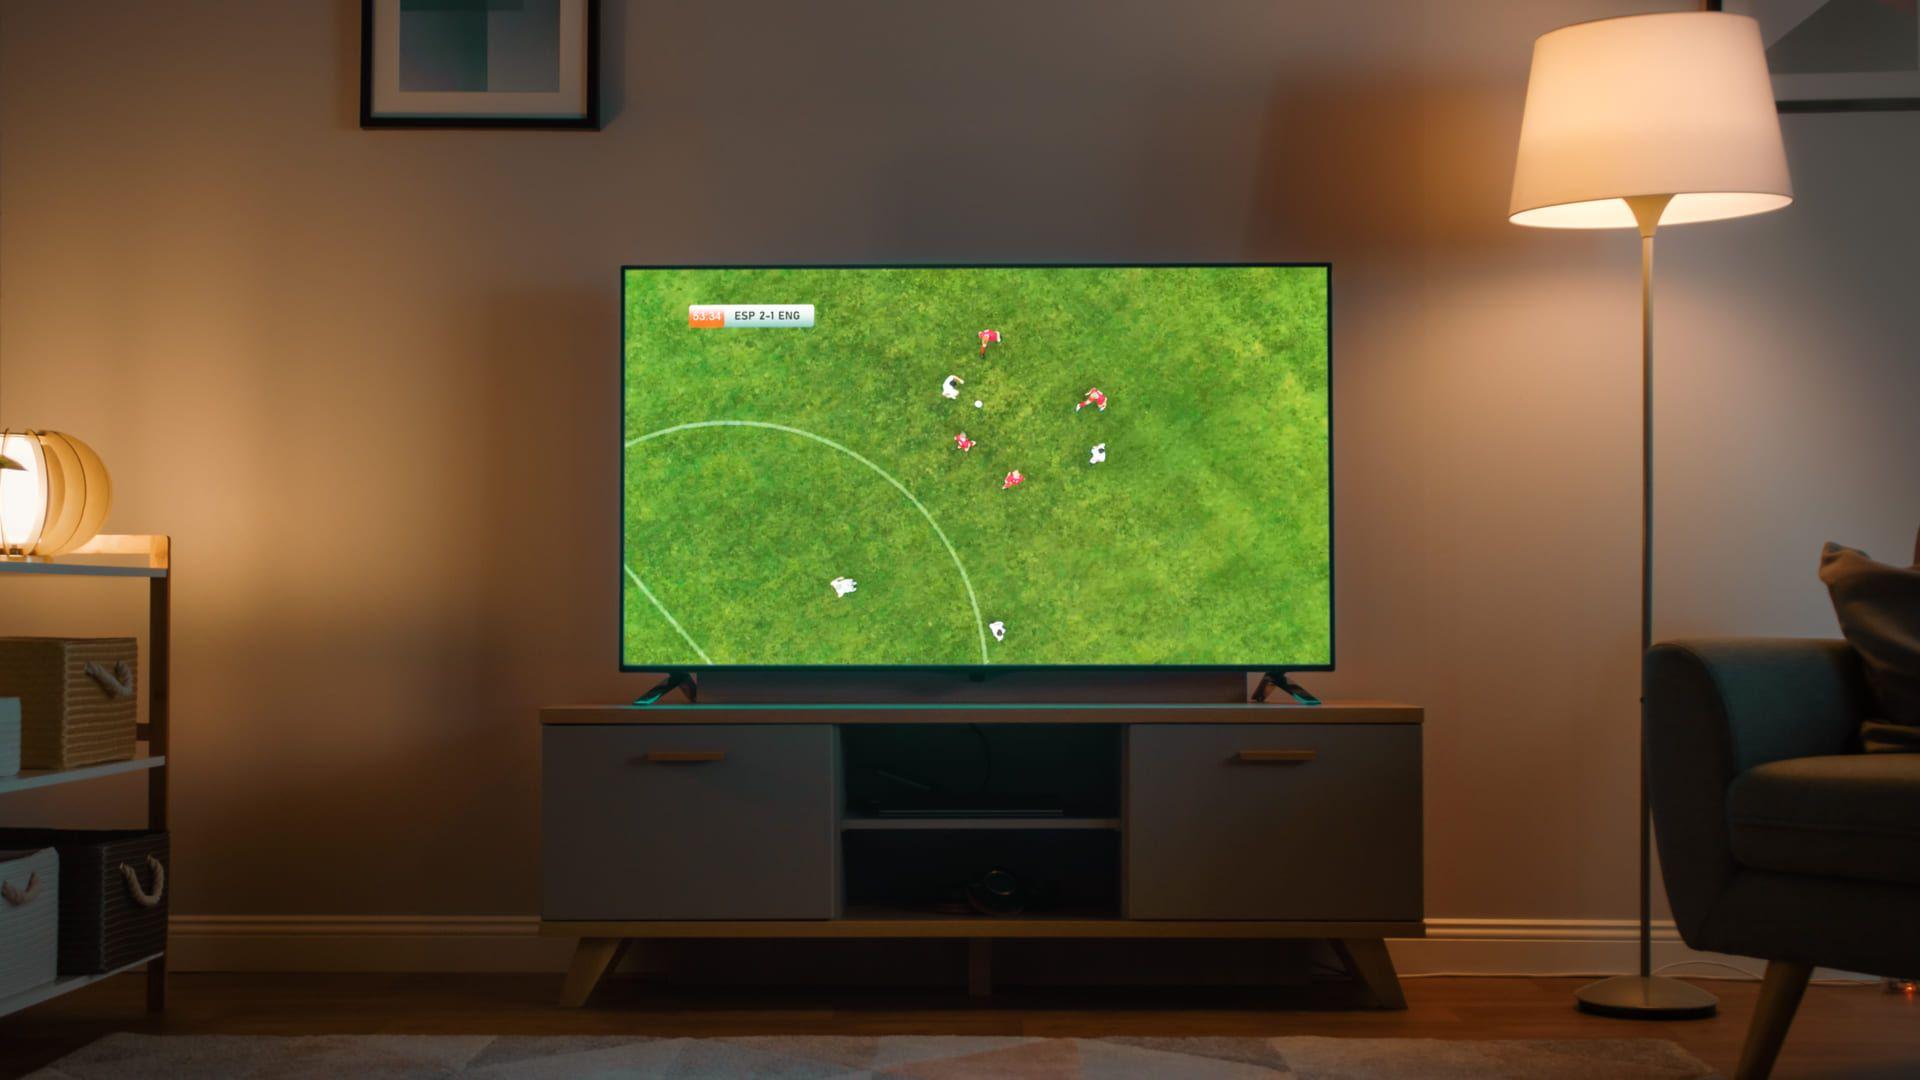 Saiba como assistir Flu TV ao vivo na sua televisão e não perder nenhum jogo (Imagem: Reprodução/Shutterstock)